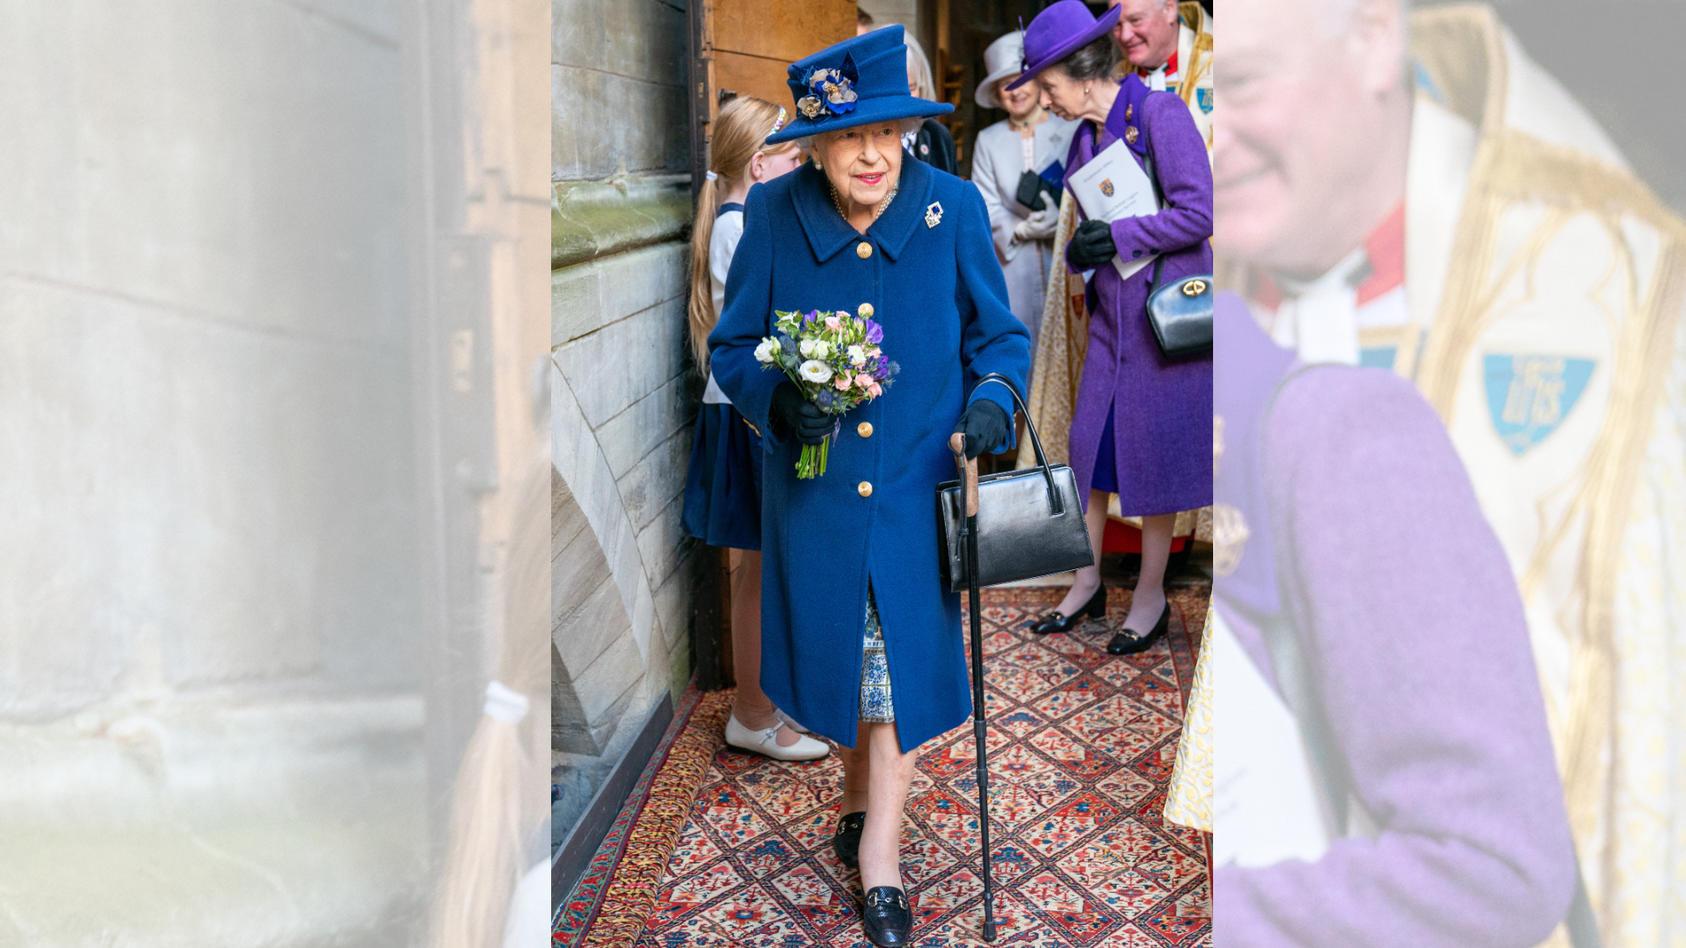 Queen Elizabeth II. erschien mit Gehstock in der Öffentlichkeit. Das tut sie normaler Weise nicht.